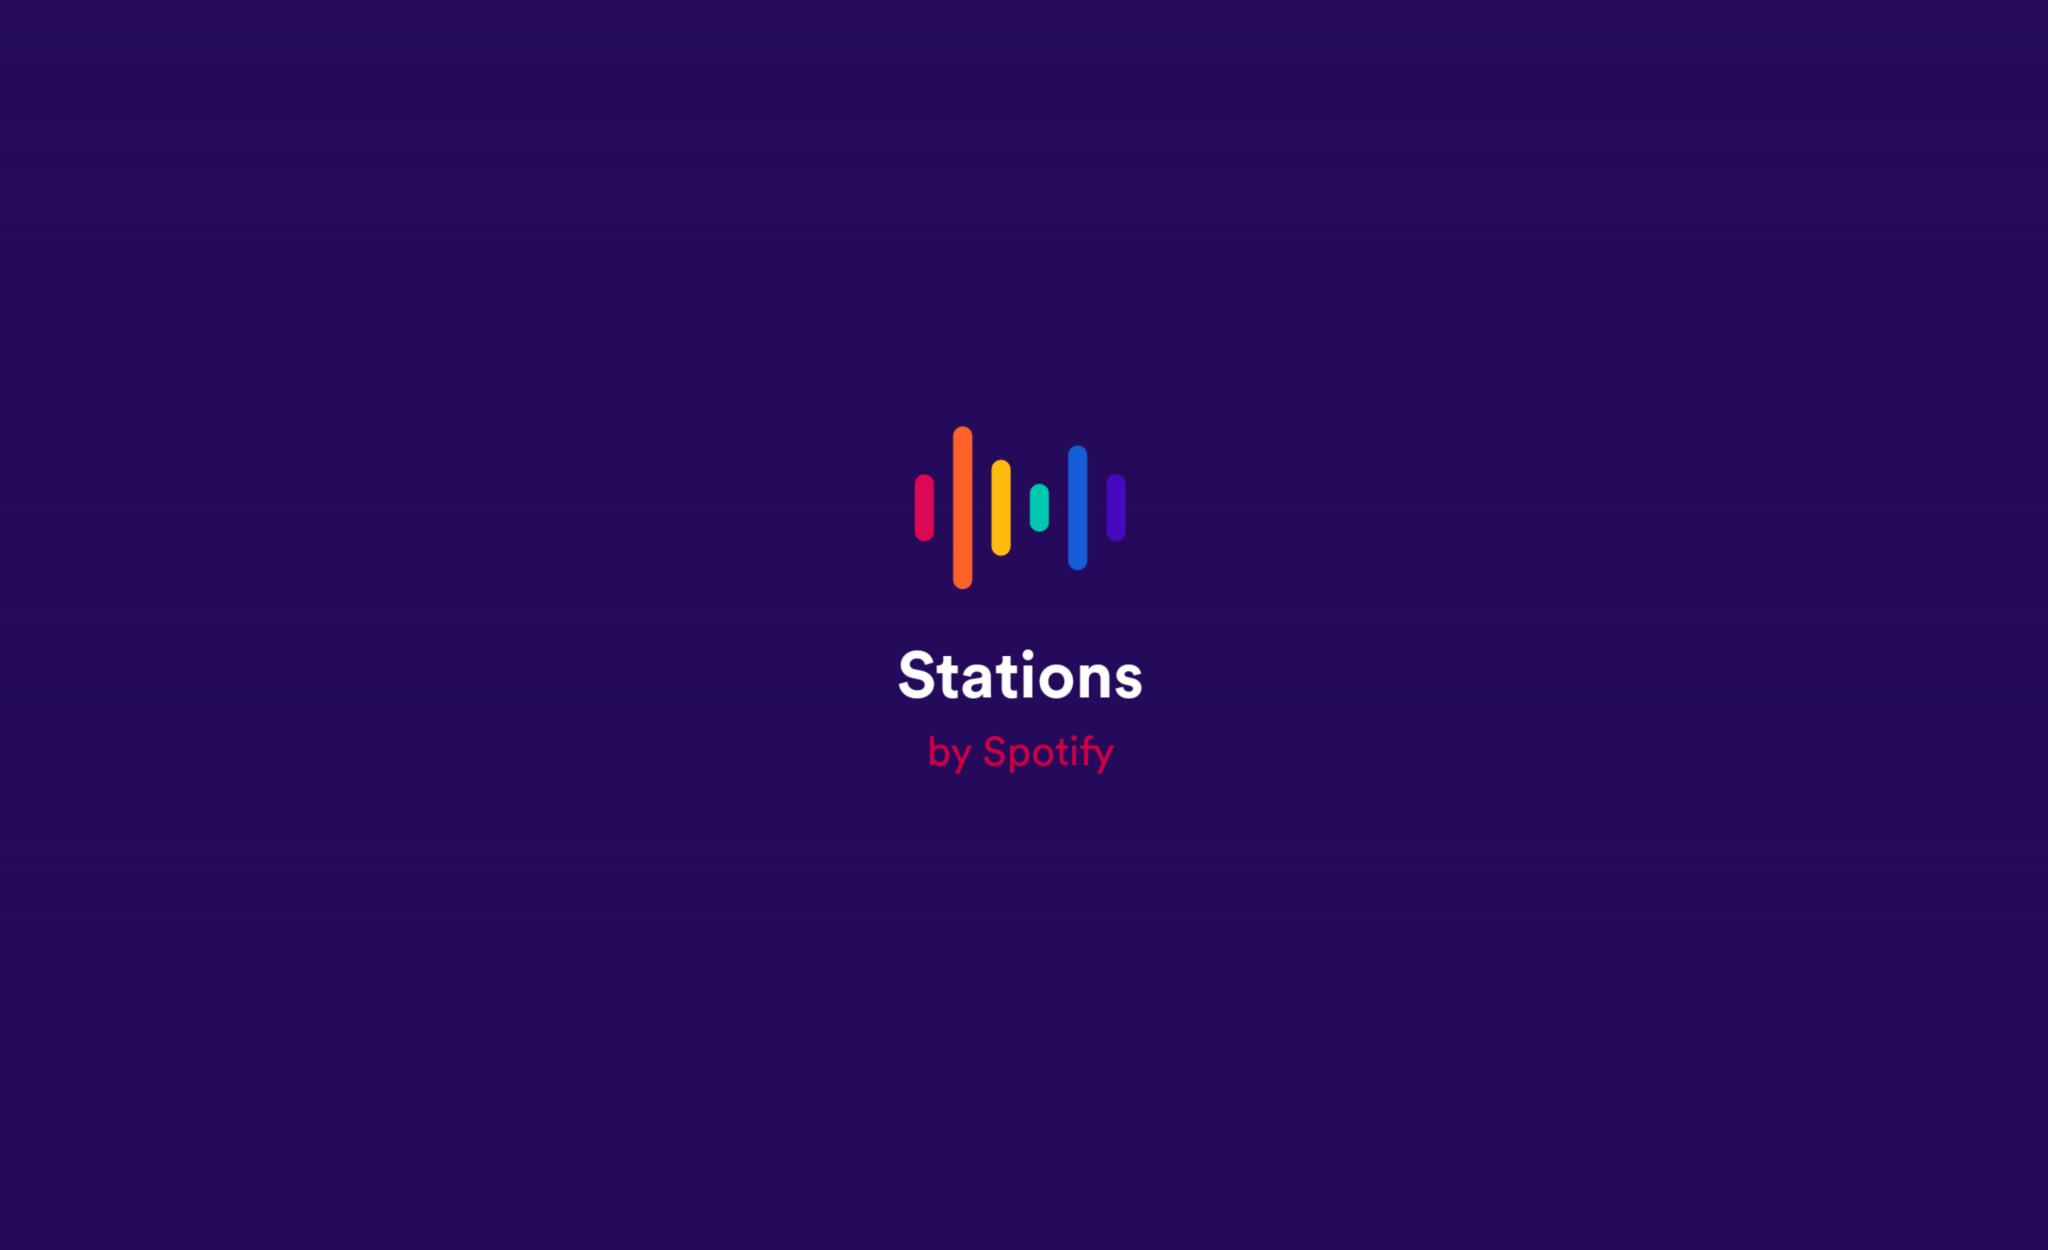 Spotify testa aplicativo para quem quer descobrir novas músicas